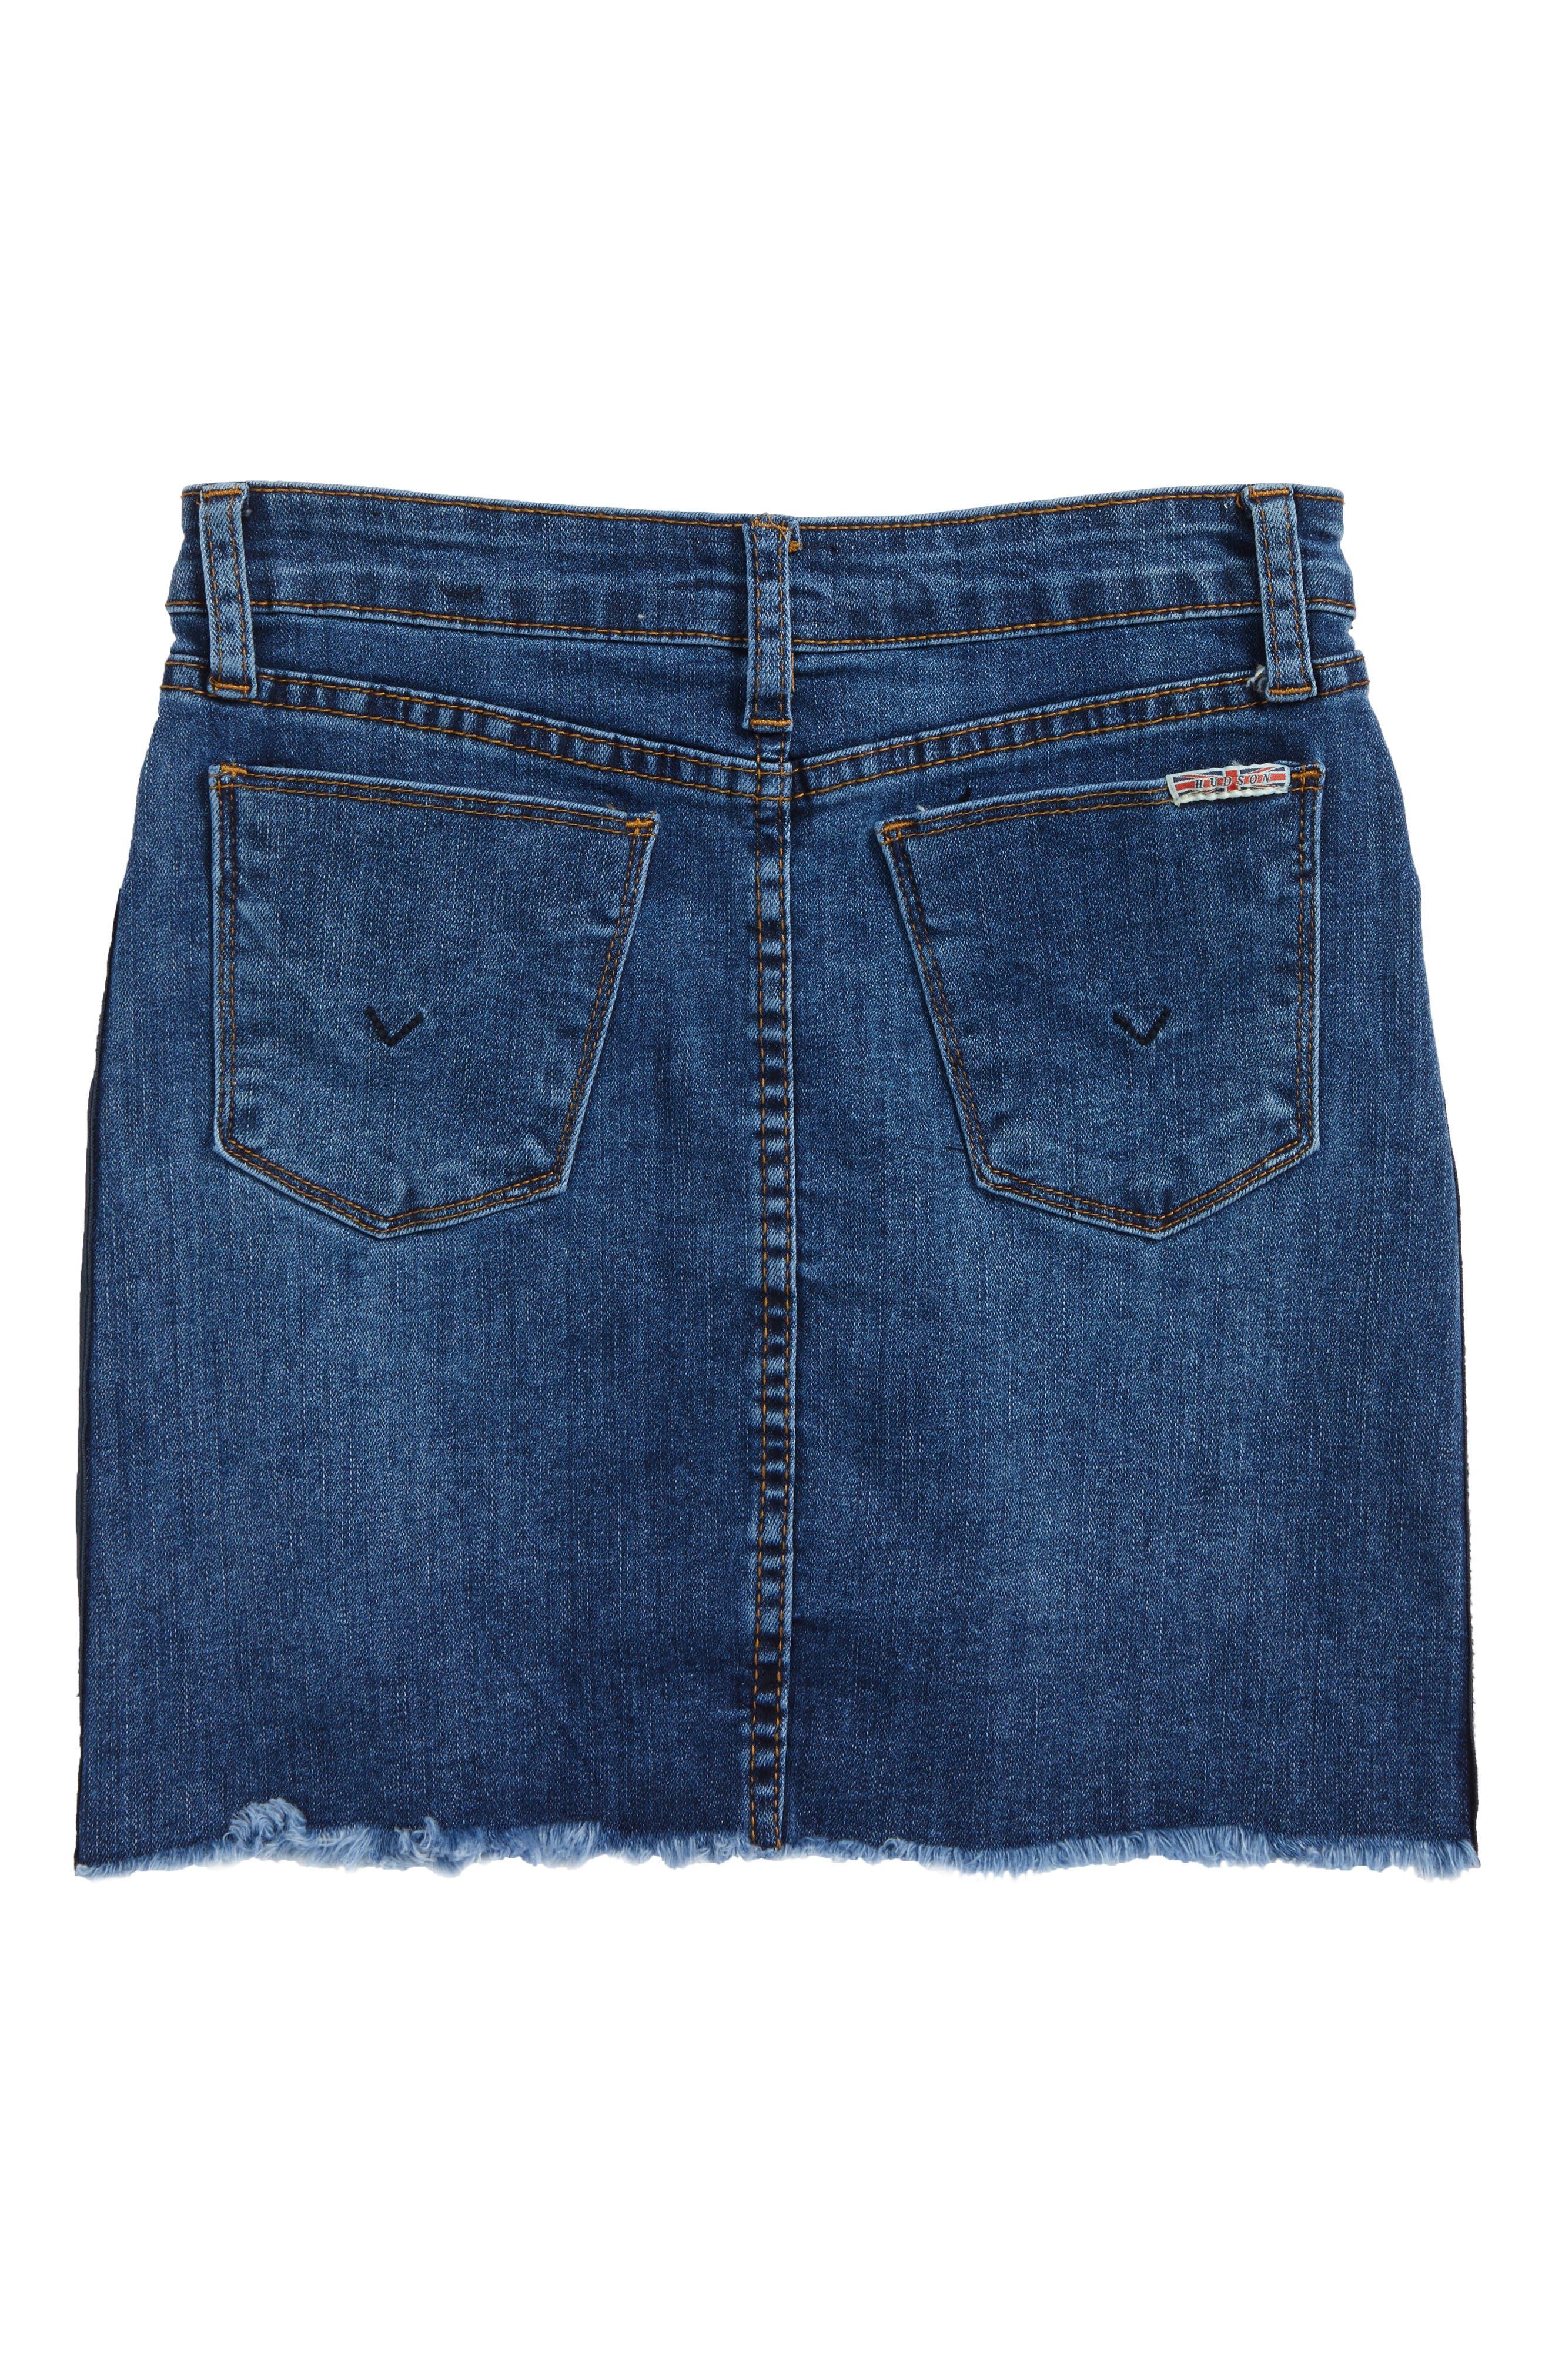 Olivia Frayed Hem Denim Skirt,                             Alternate thumbnail 2, color,